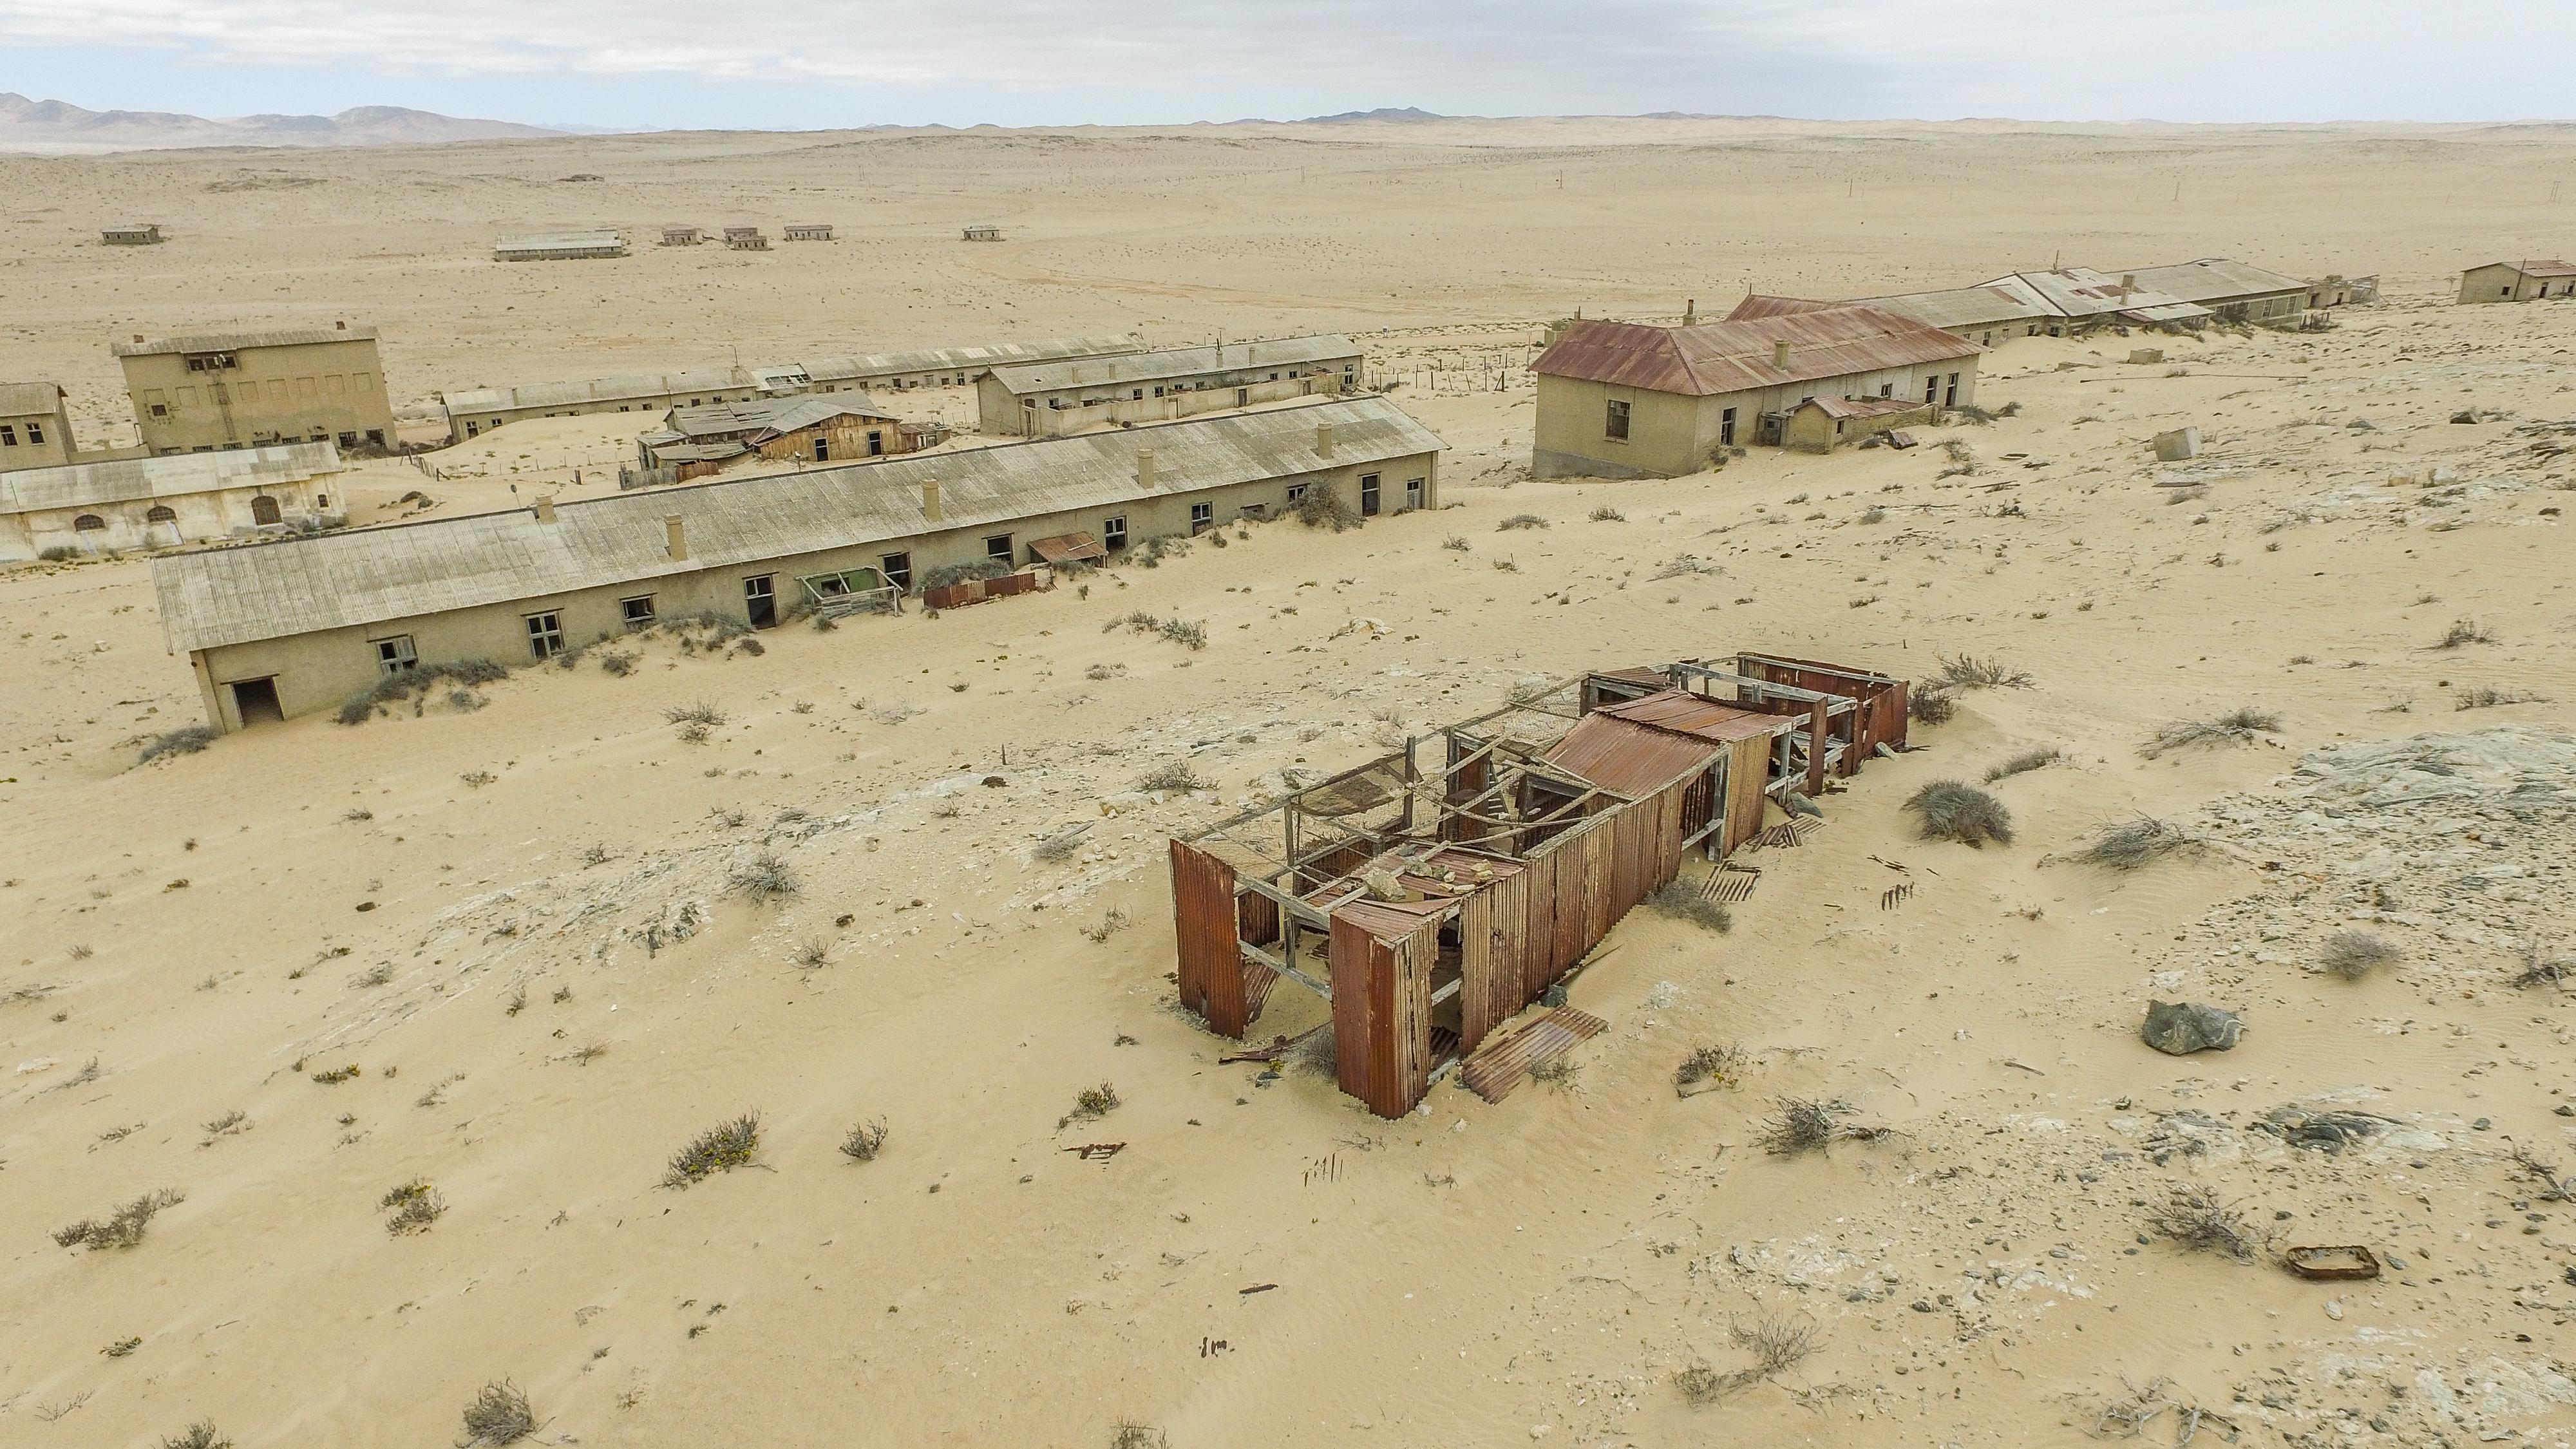 File:Kolmanskop Ghost Town Buildings.jpg - Wikimedia Commons